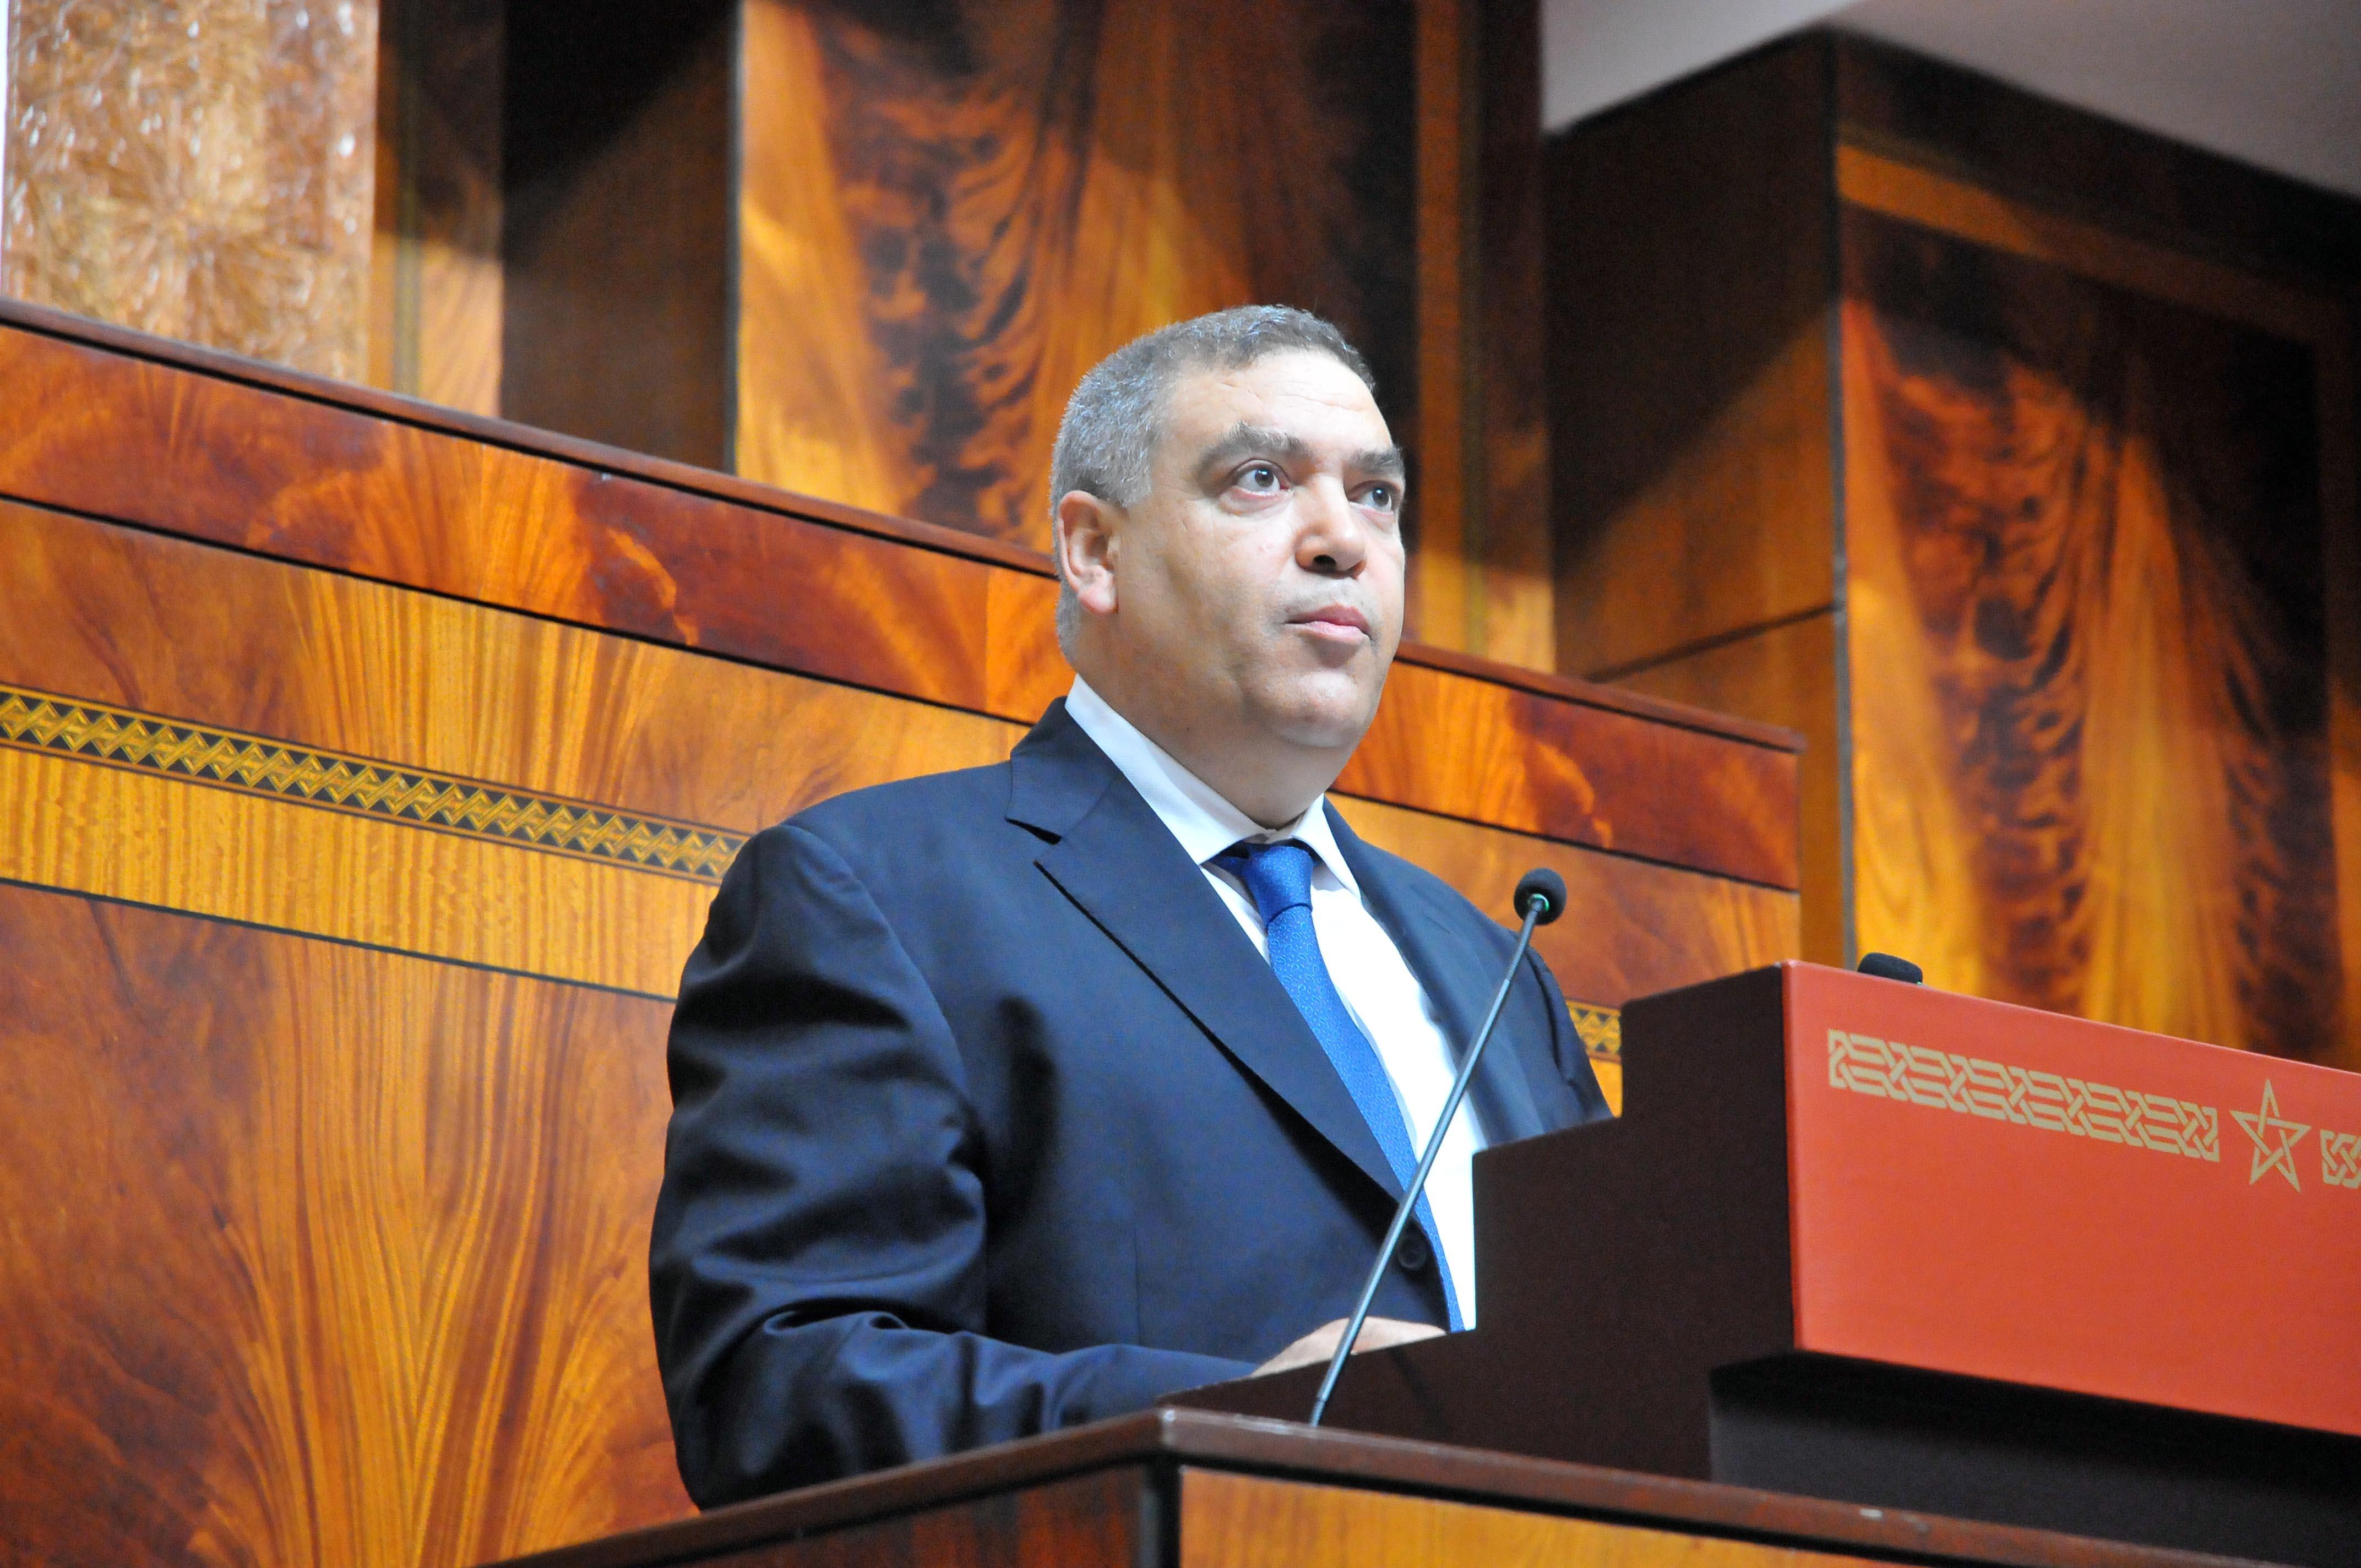 مجلس النواب يصادق على 3 مشاريع قوانين تنظيمية مؤطرة للمنظومة الانتخابية